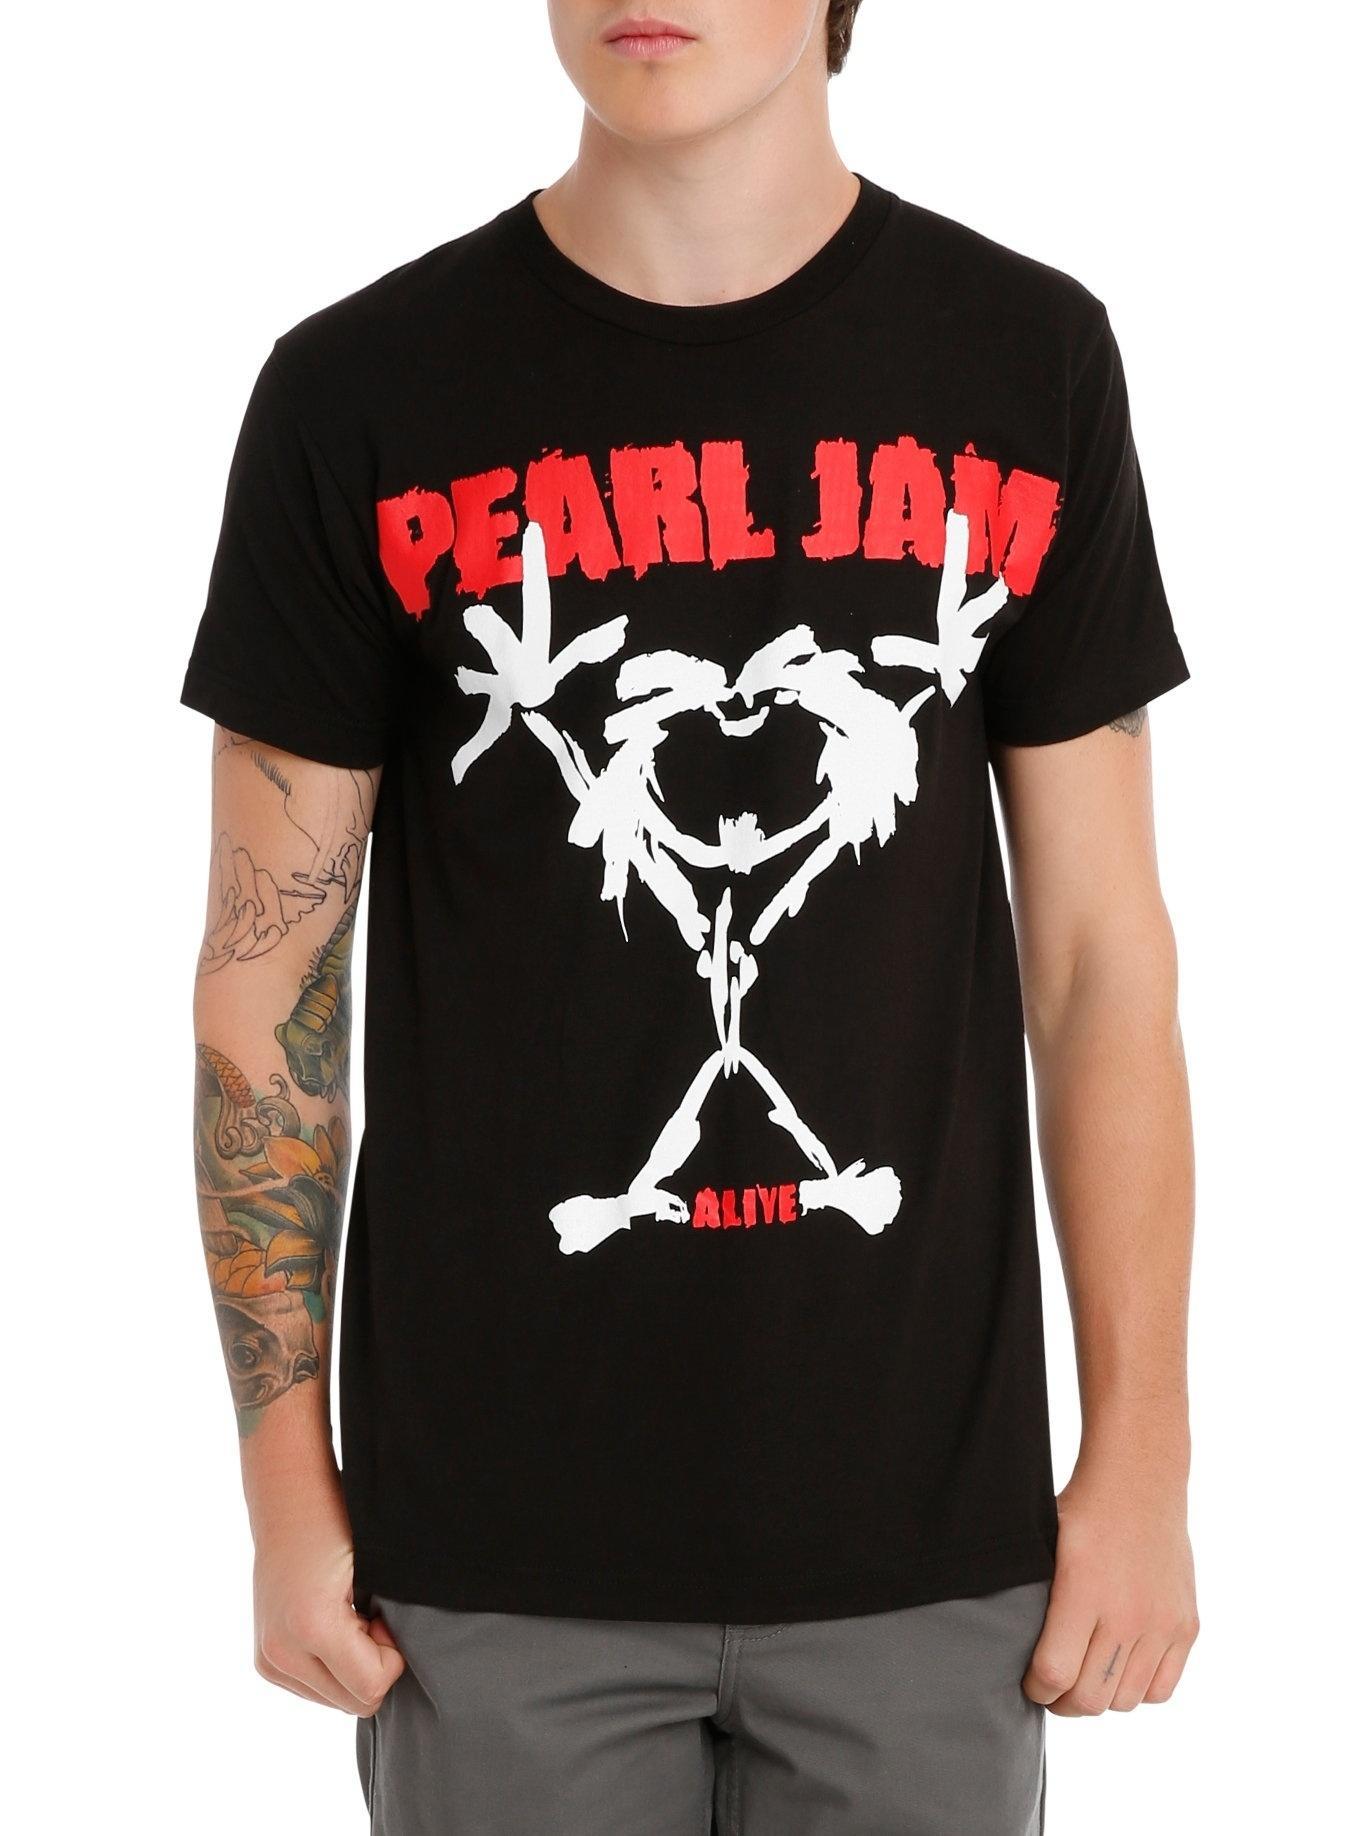 a1dbd7d16be7 Summer Style Unisex Pearl Jam Alive Stickman T-Shirt Men Women Grunge Rock  Band Tee